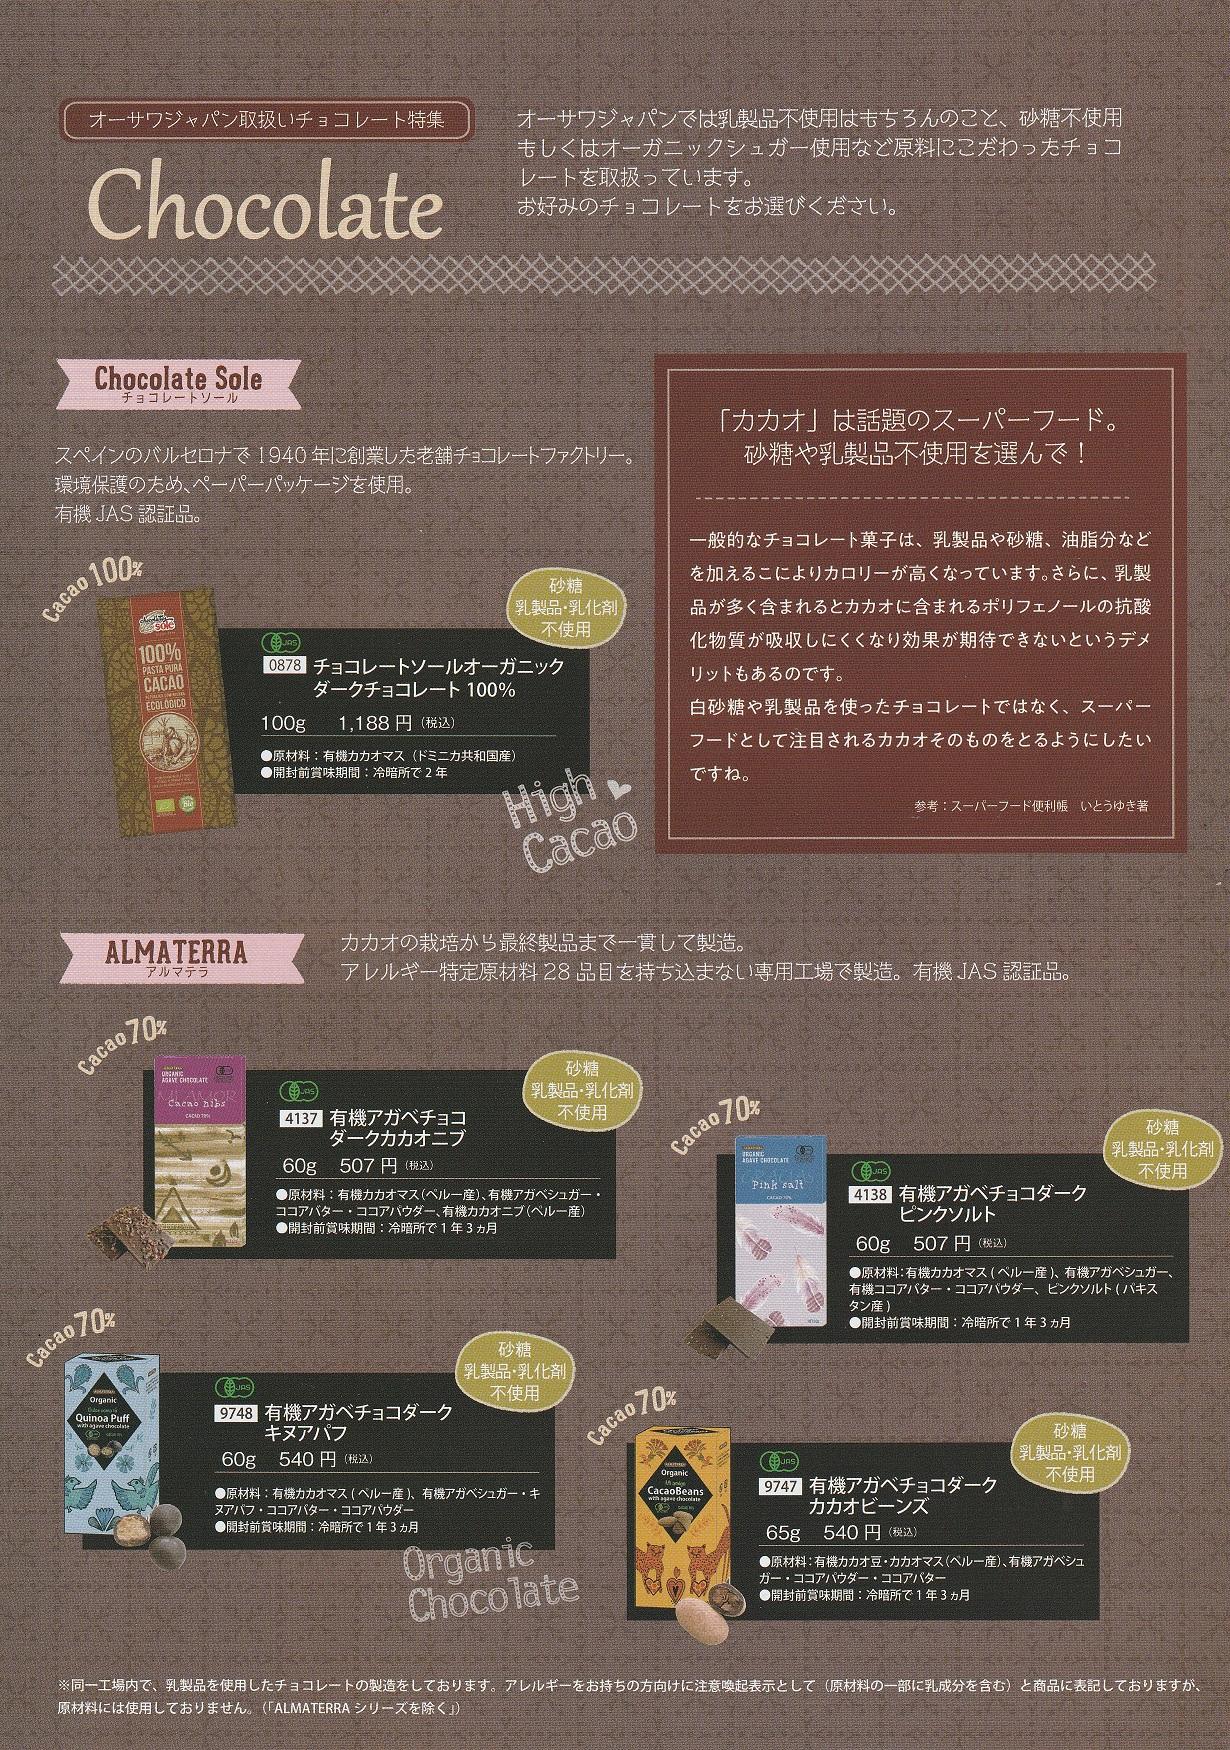 【期間限定】世界のオーガニックチョコレート特集その1